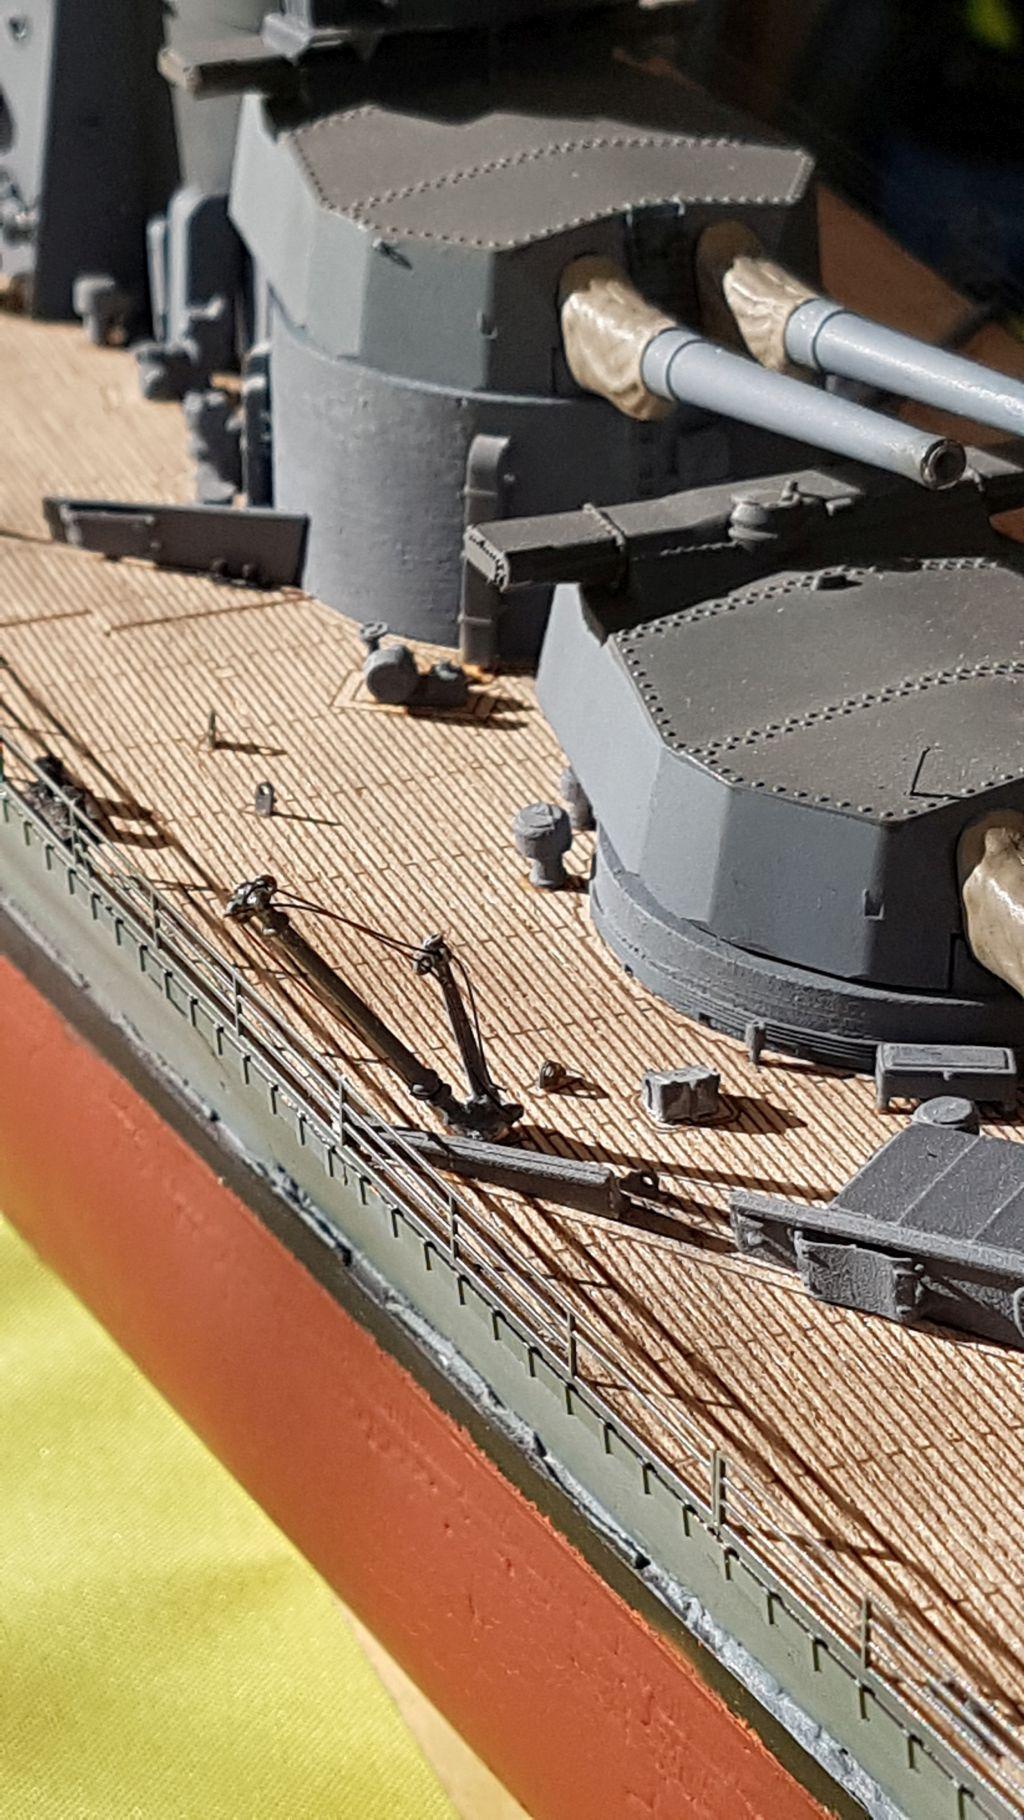 HMS HOOD 1:200 von Hachette gebaut von arrowsmodell - Seite 10 023_ho10